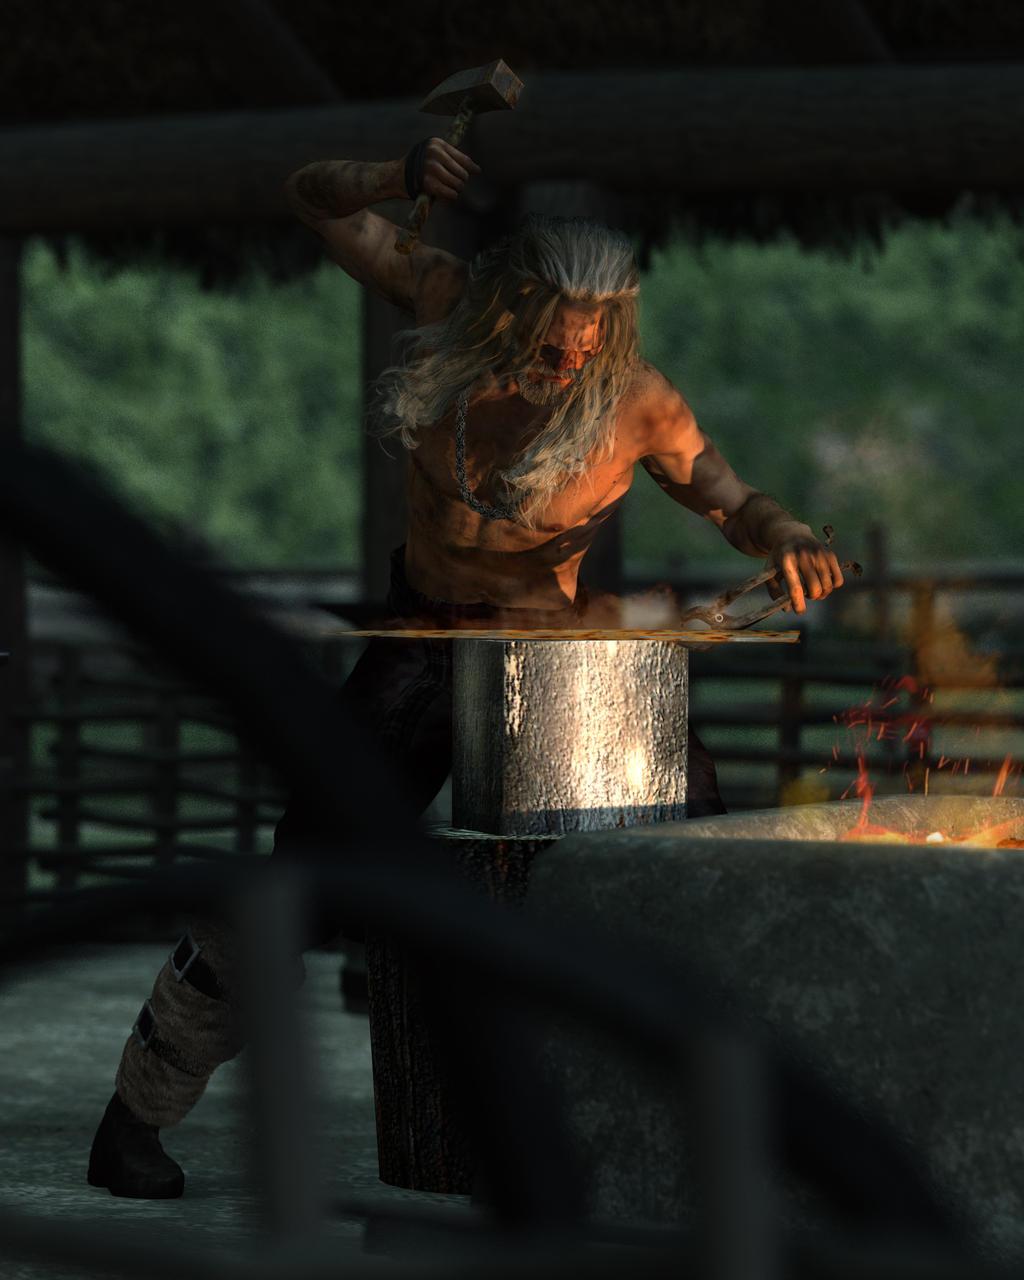 Snorri the Blacksmith by warofragnarok